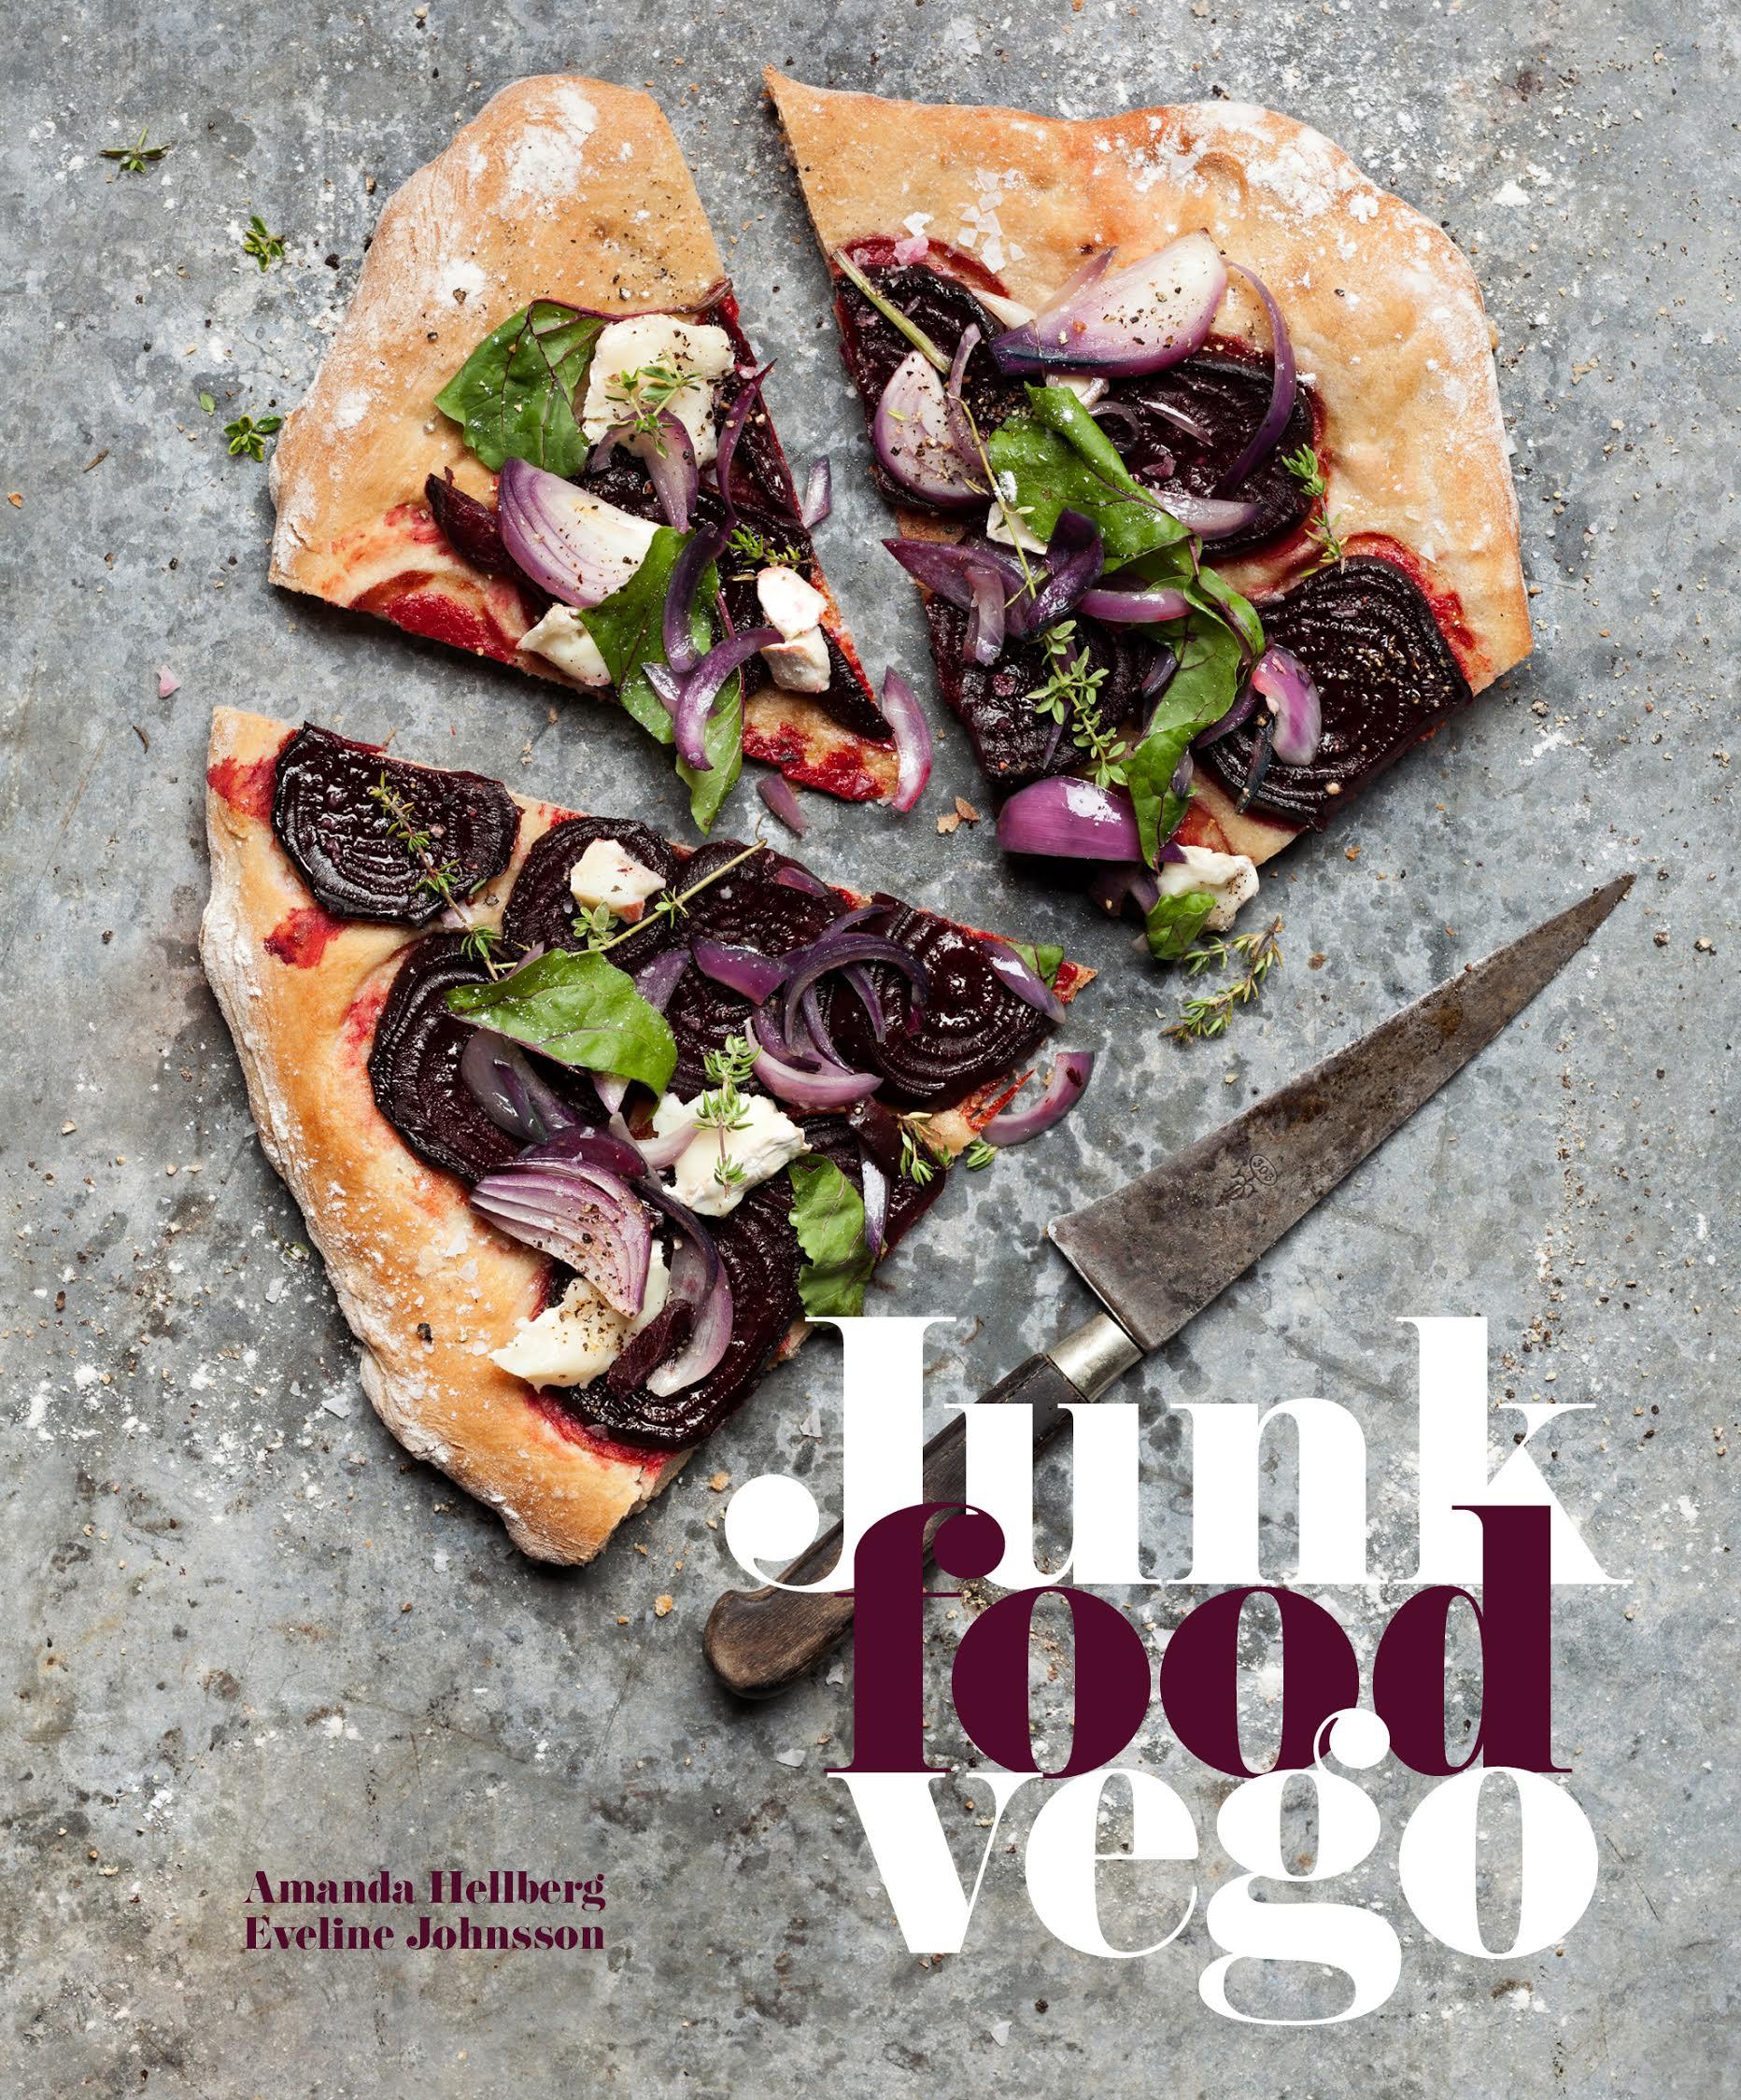 Junk food vego (2017, Kakao förlag)